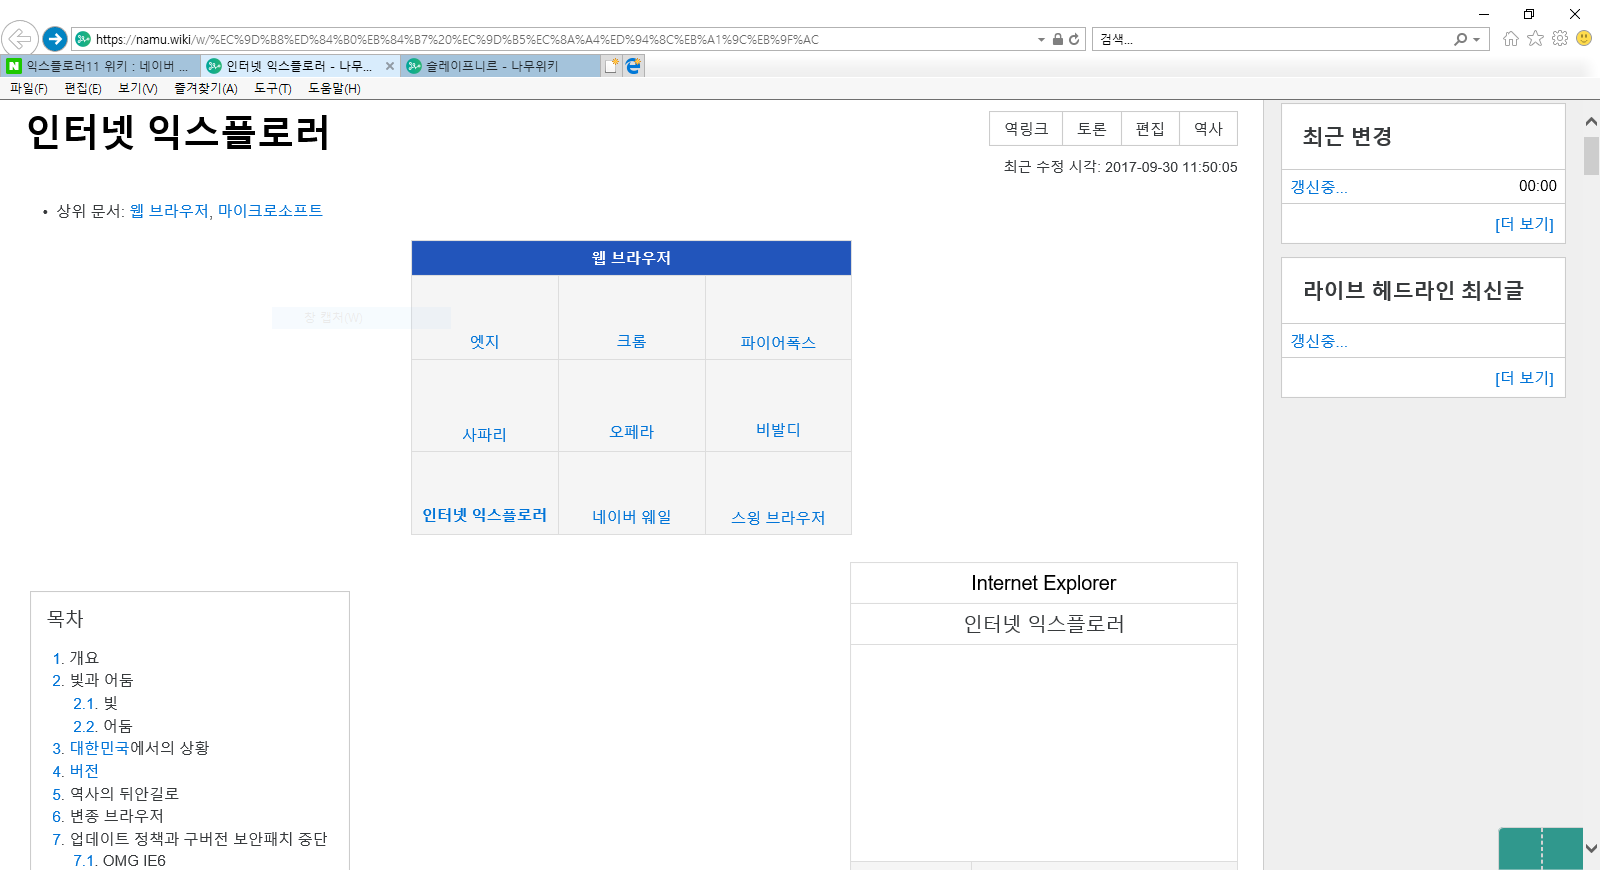 파일:IE01.png